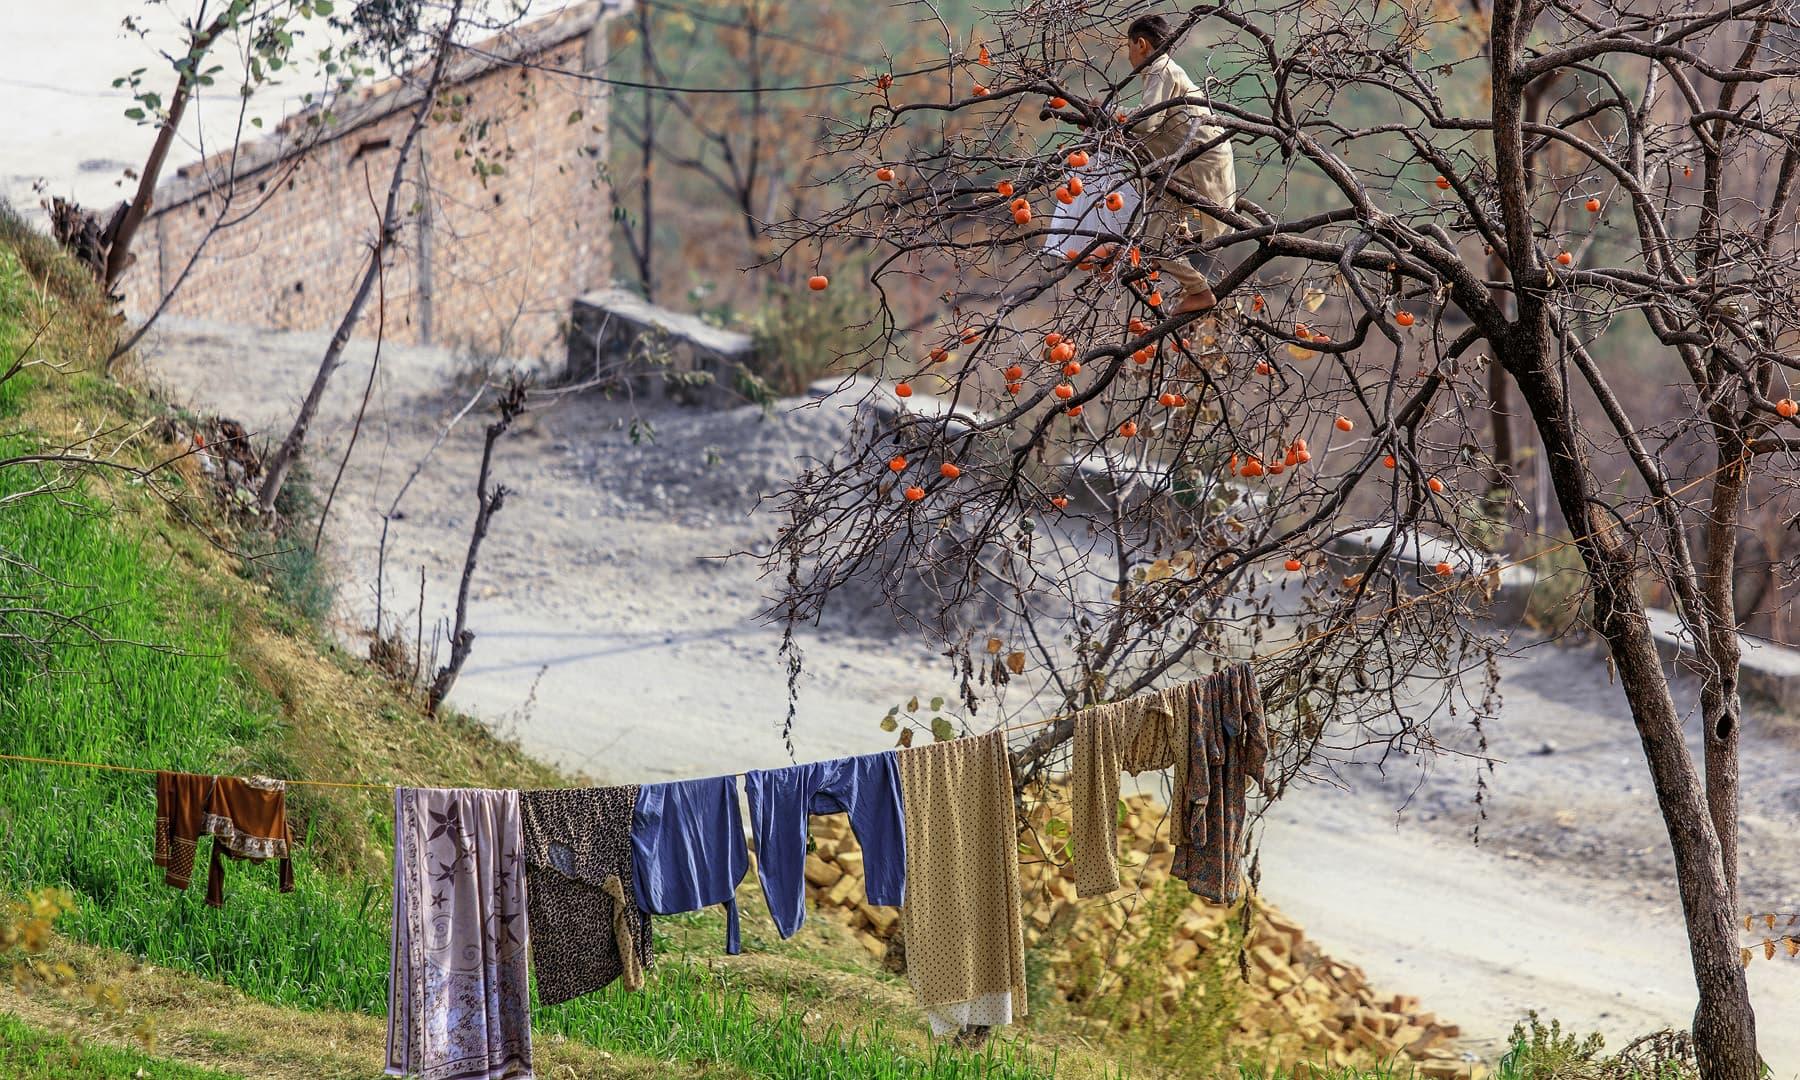 کبل میں ایک گھر. — فوٹو سید مہدی بخاری۔